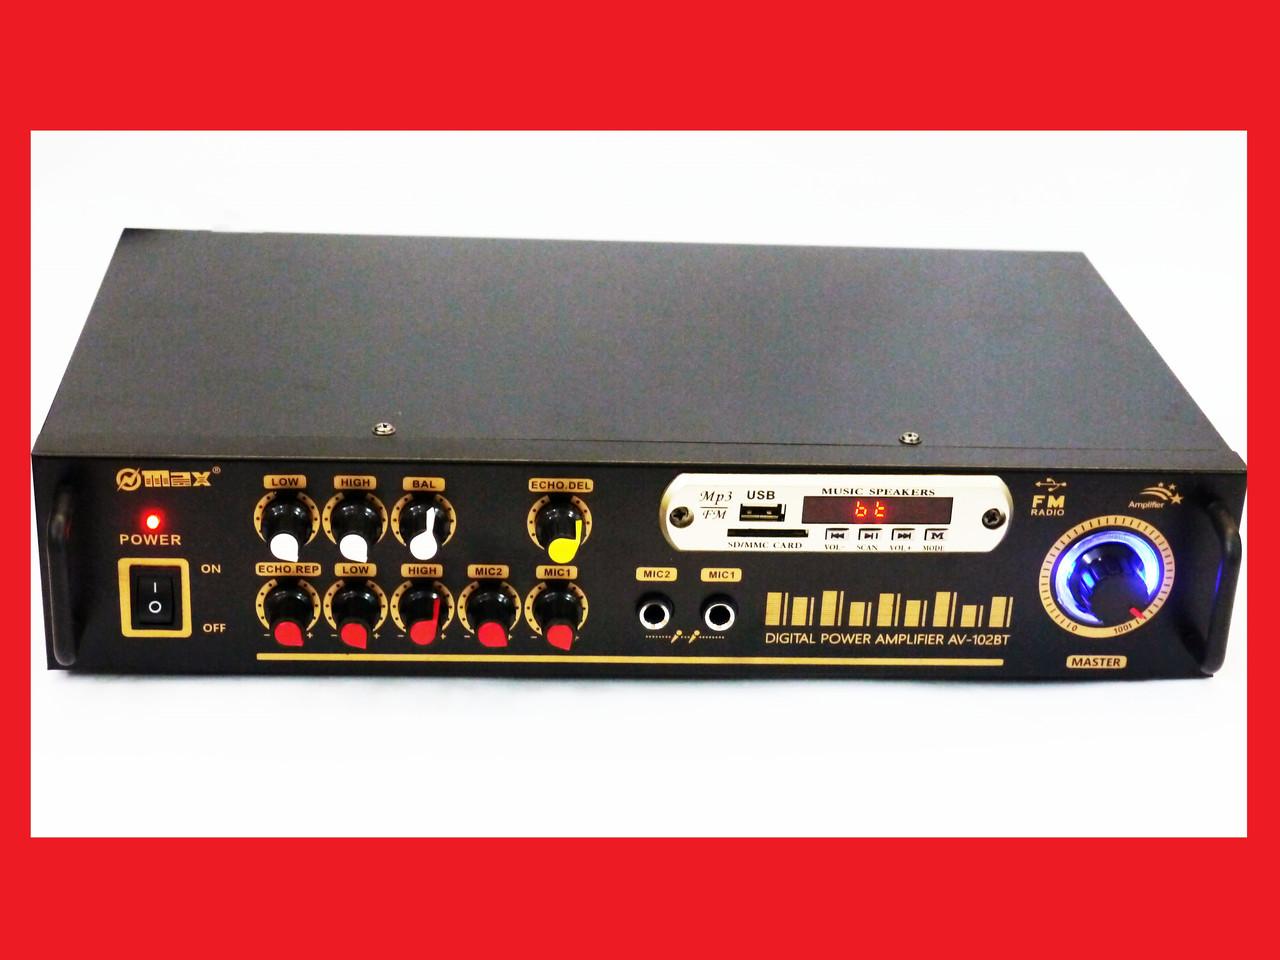 Усилитель звука Max AV-102BT Bluetooth USB + КАРАОКЕ 2микрофона